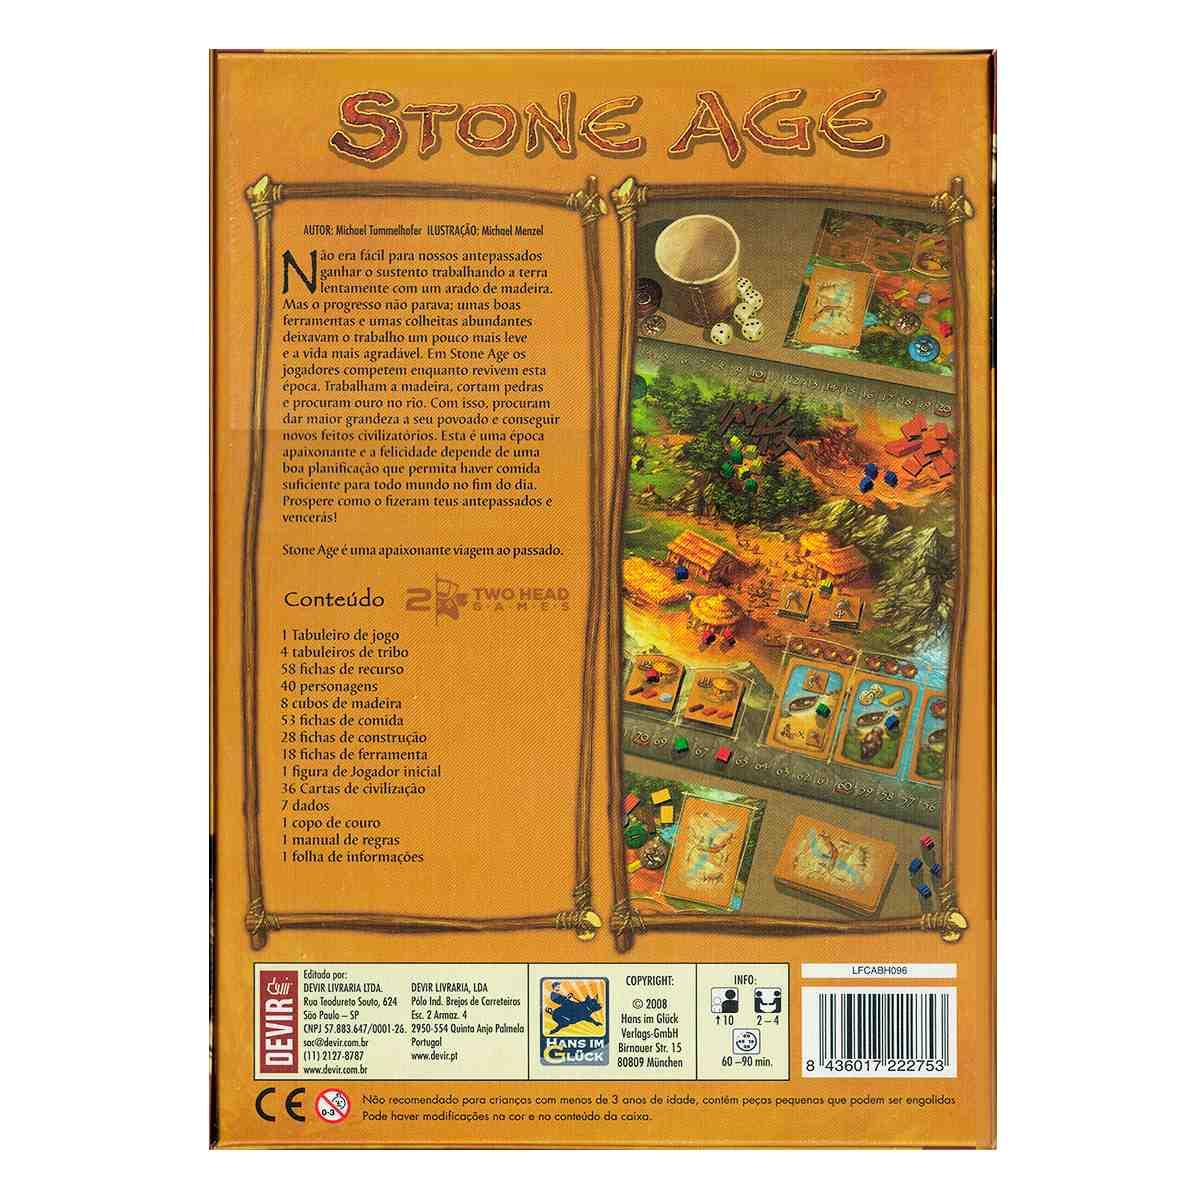 Stone Age Jogo de Tabuleiro